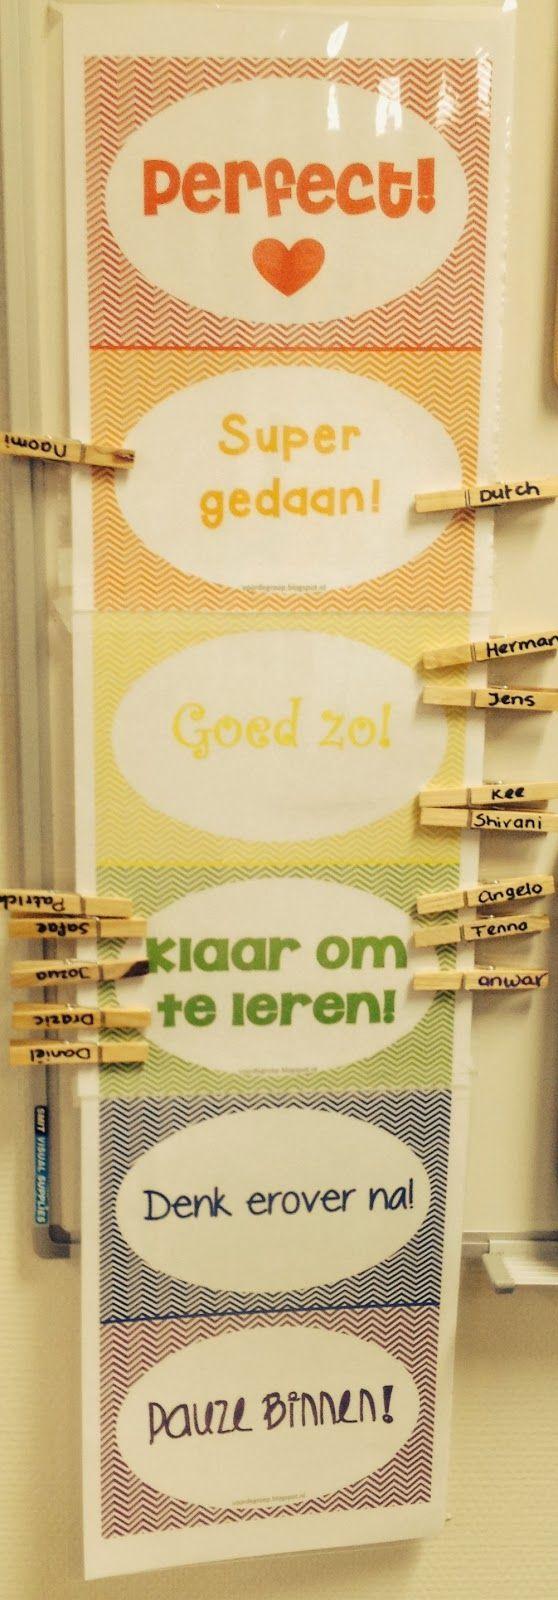 Werken met de Beloningsmeter….. Perfect!!………..Super gedaan……..Goed zo!!……..Klaar om te leren……Denk erover na!……..Time out! De Beloningsmeter Op Pinterest vond ik verschillende ideeën om in je klas te werken aan een positief pedagogisch klimaat. De beloningsmeterstimuleert kinderen om positief gedrag te laten zien in de klas. Je maakt met deze metervoor kinderen visueel waar ze zich op …